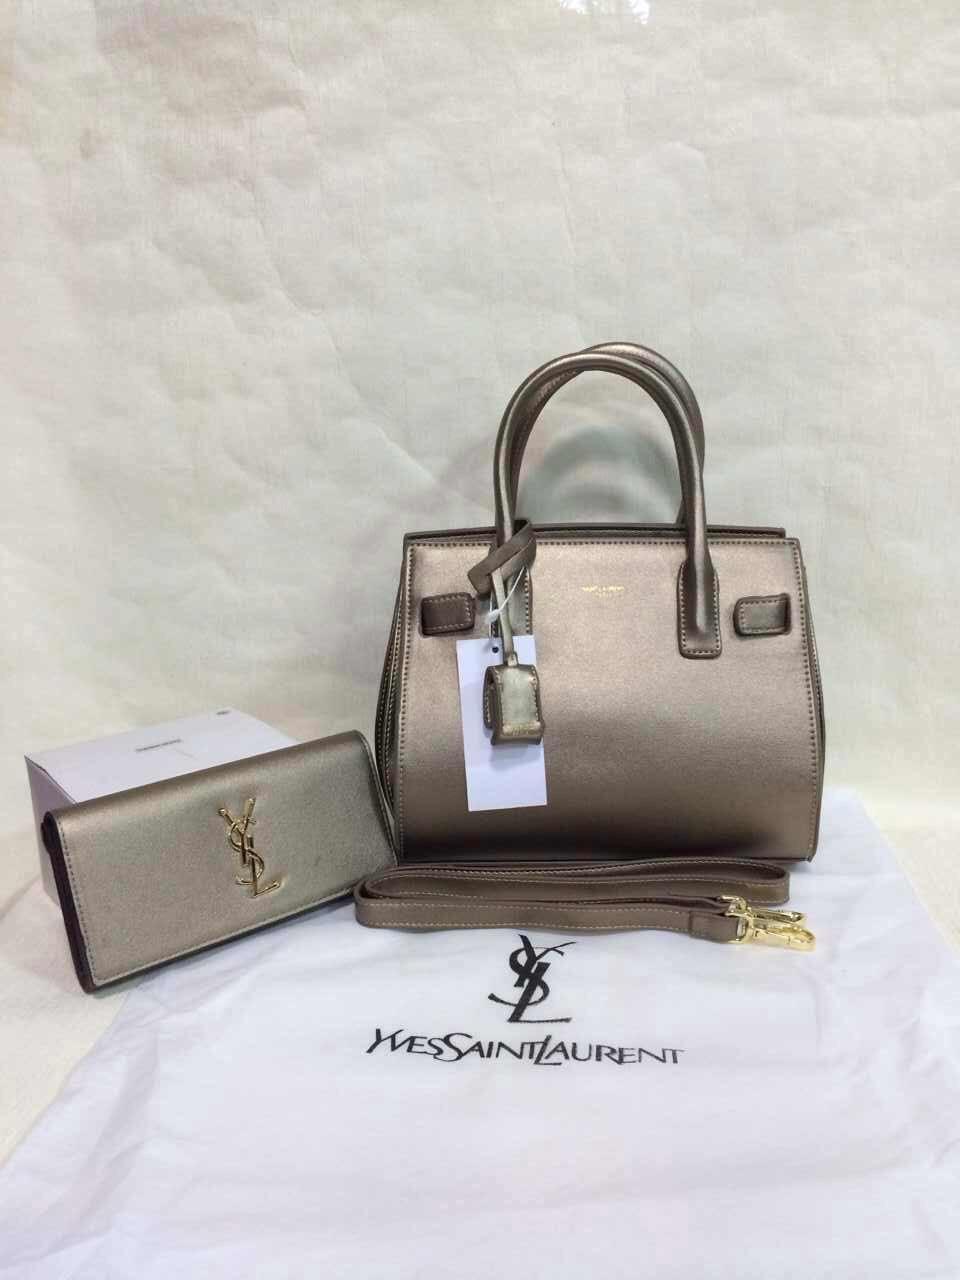 Pin By Aisha Alhuwmedi On شنط يد ماركات Top Handle Bag Kate Spade Top Handle Bag Bags